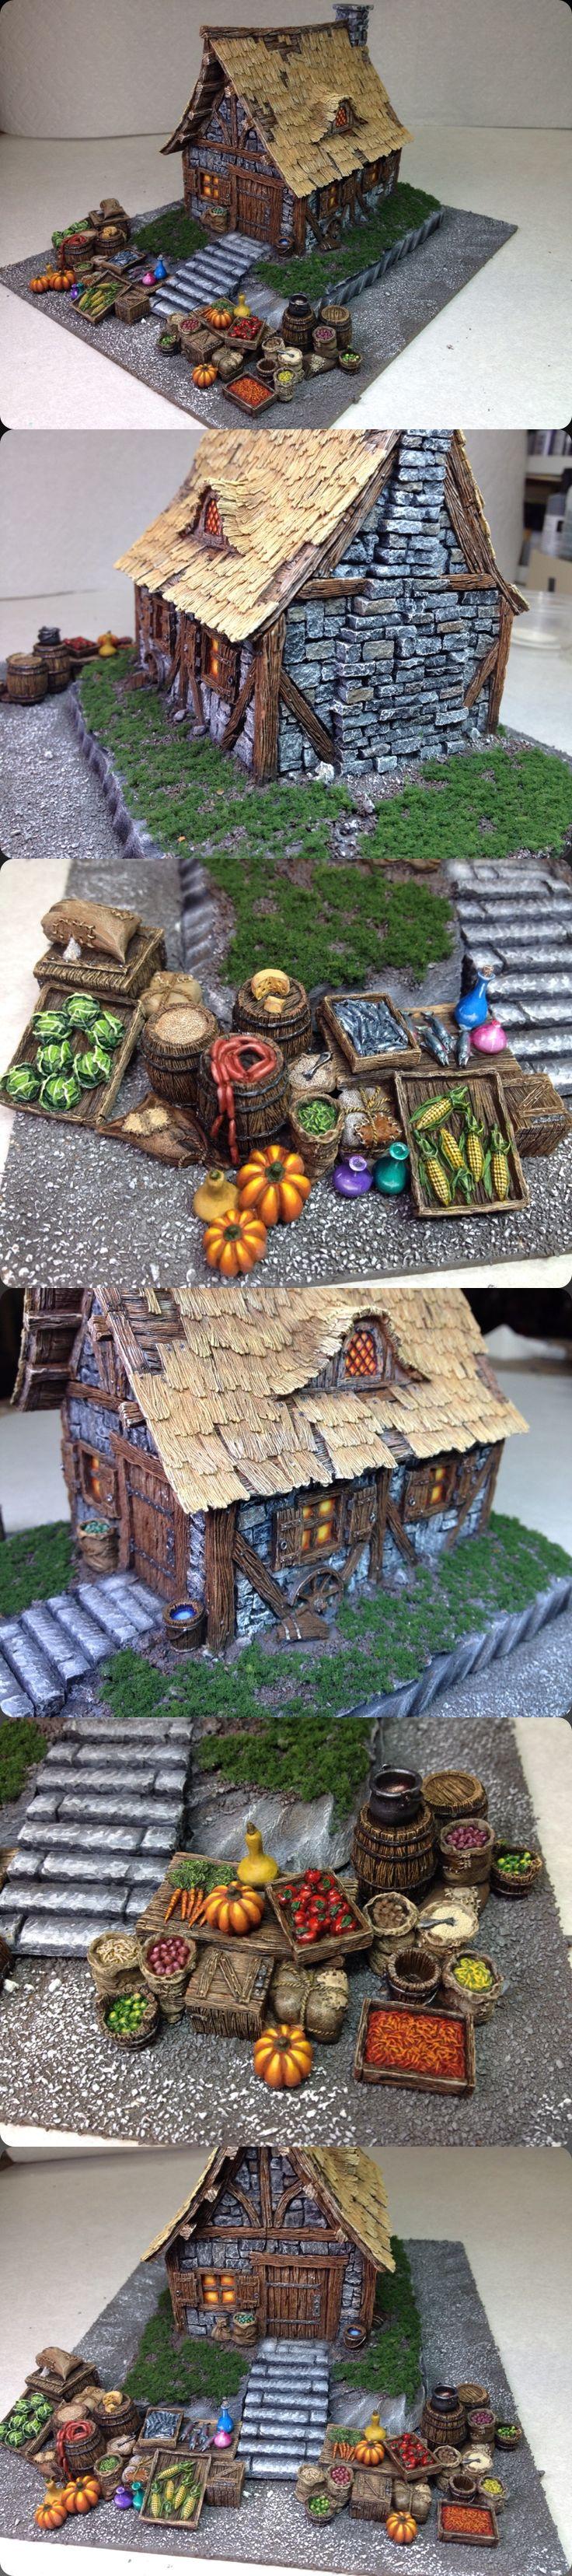 Farmer's Market-Tabletop World